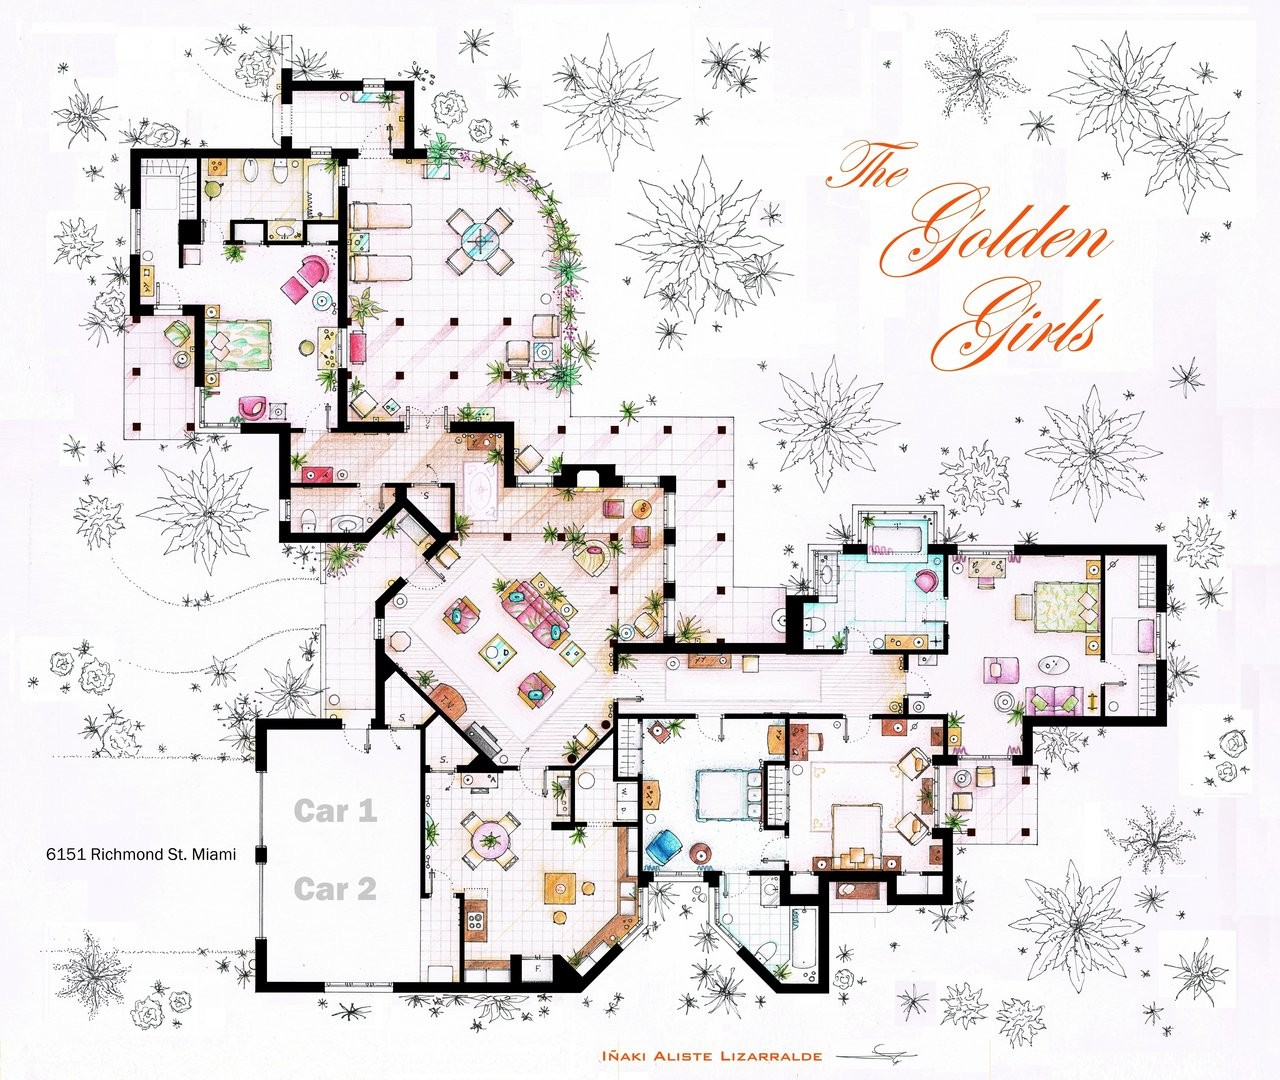 the_golden_girls_house_floorplan_v_2_by_nikneuk-d5ejlt3.jpg